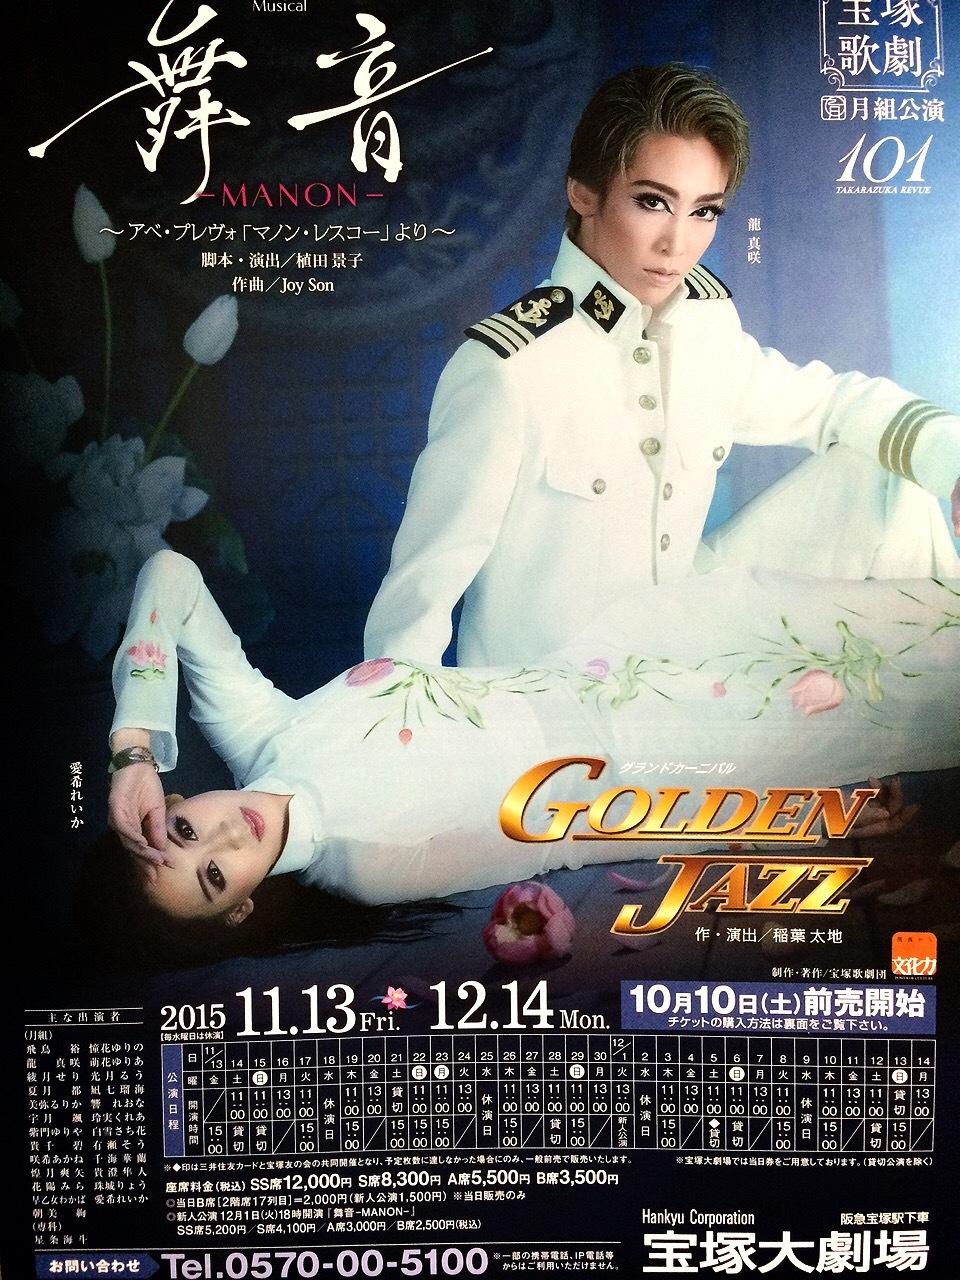 宝塚観劇日記 月組公演 舞音♪_a0218340_01114462.jpeg